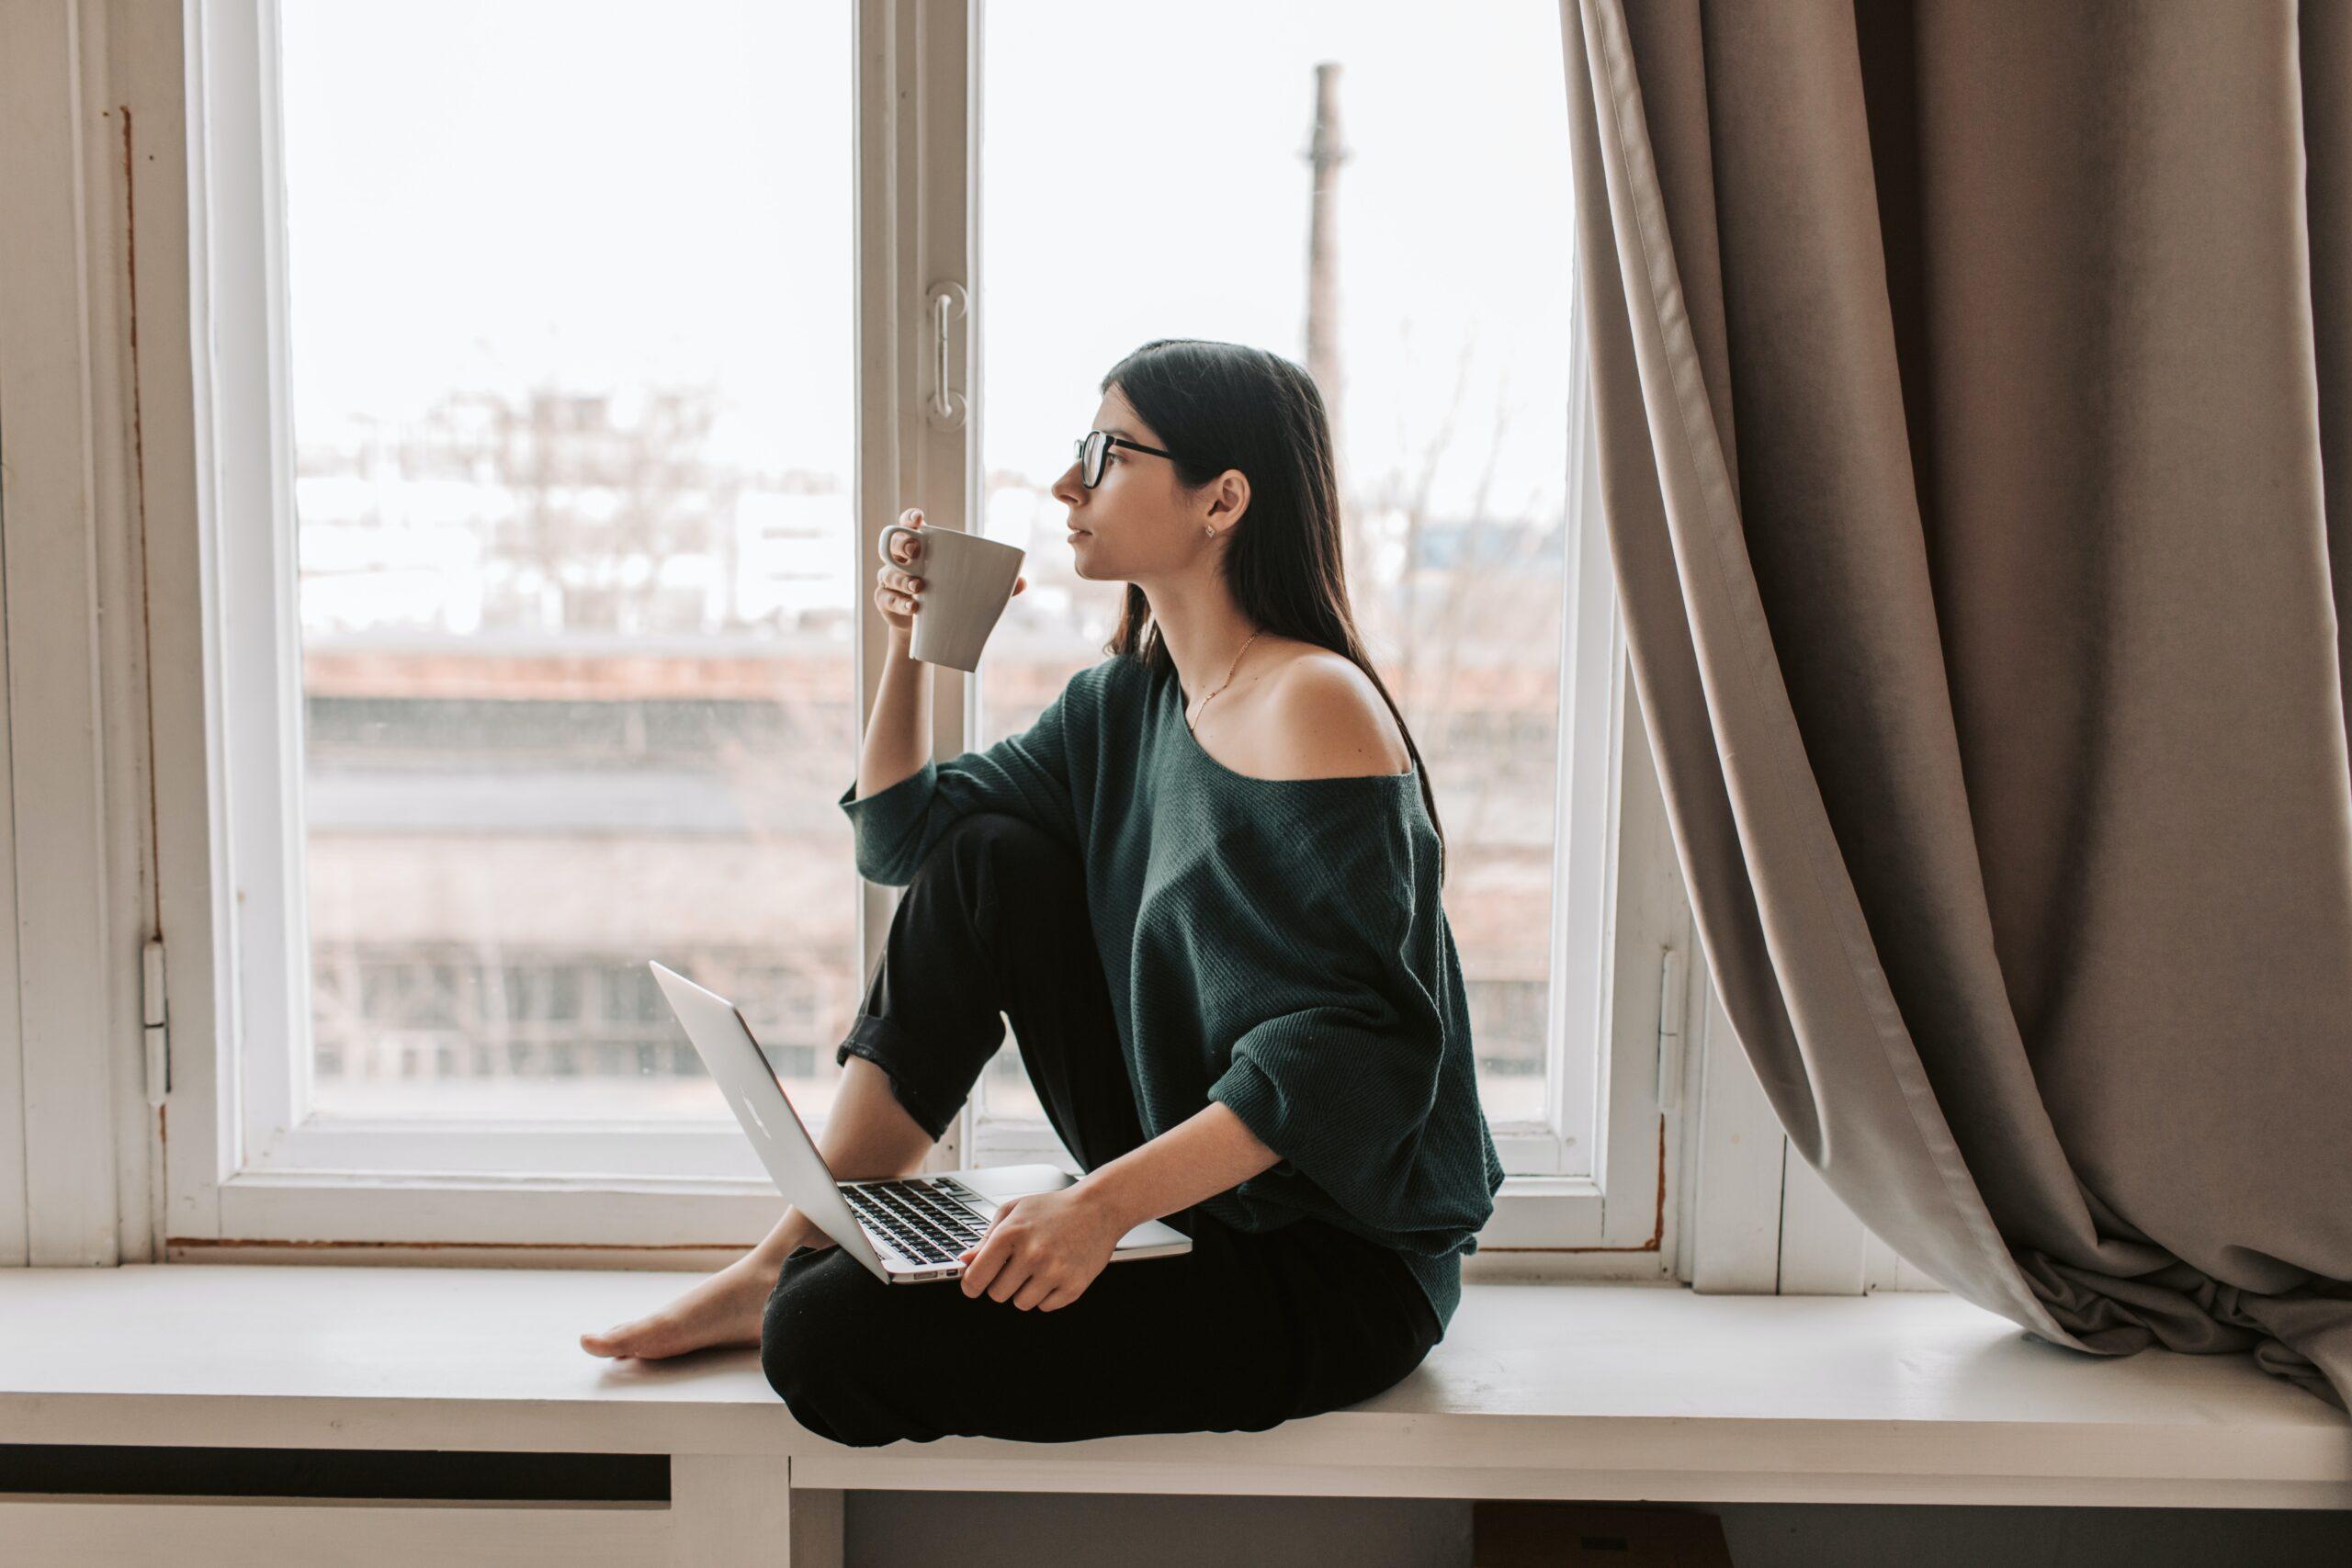 Kasia Malinowska podpowiada jak odzyskać pewność siebie po utracie pracy